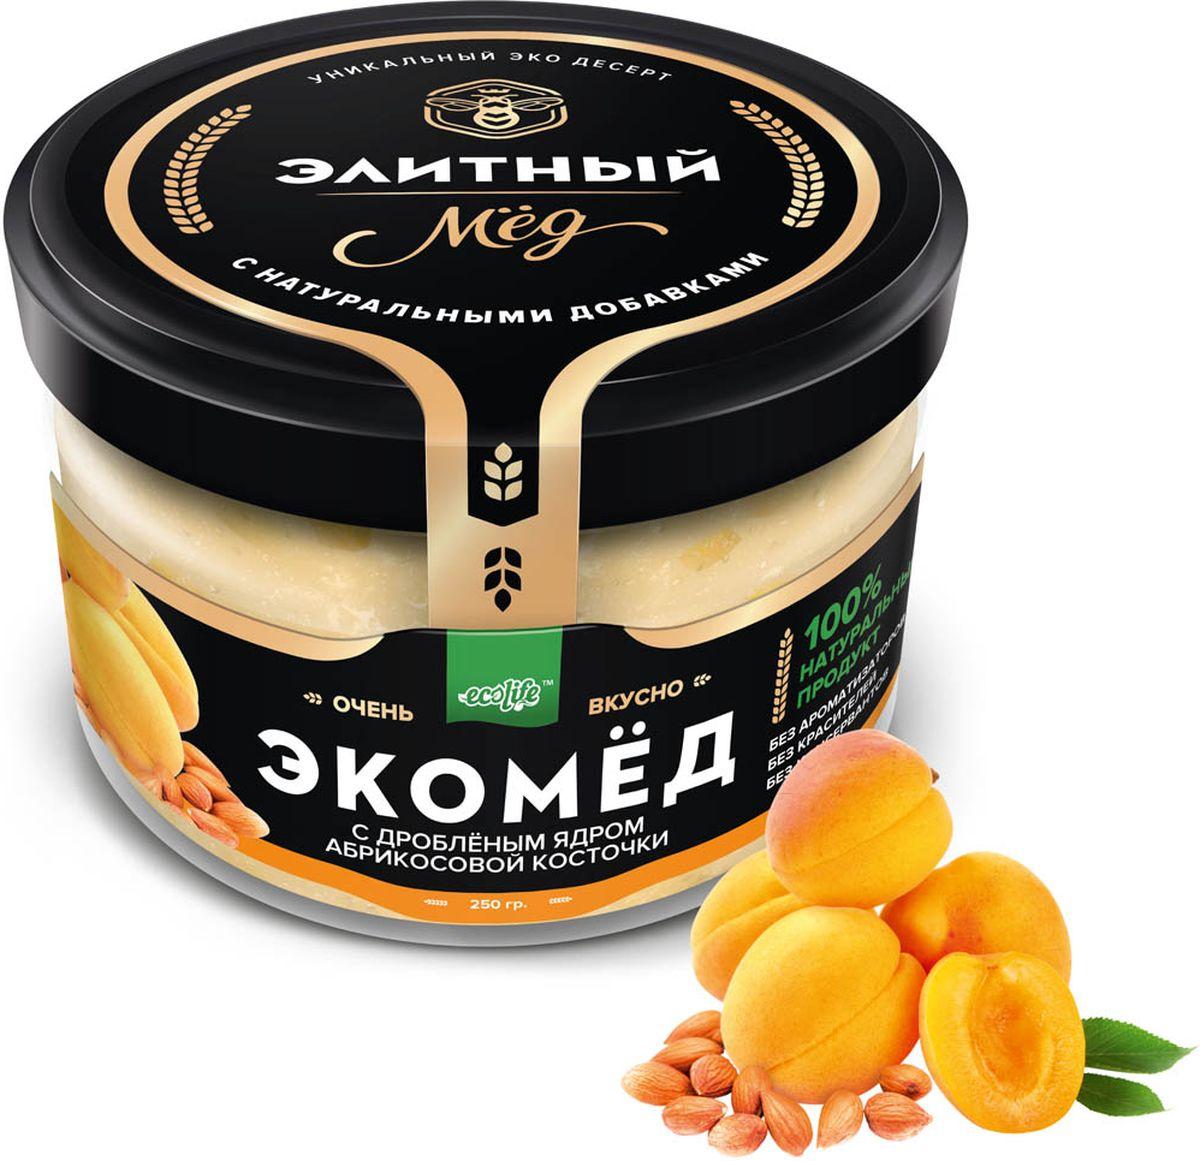 Ecolife Экомед с ядрами абрикосовой косточки, 250 г ecolife экомед с фундуком 250 г